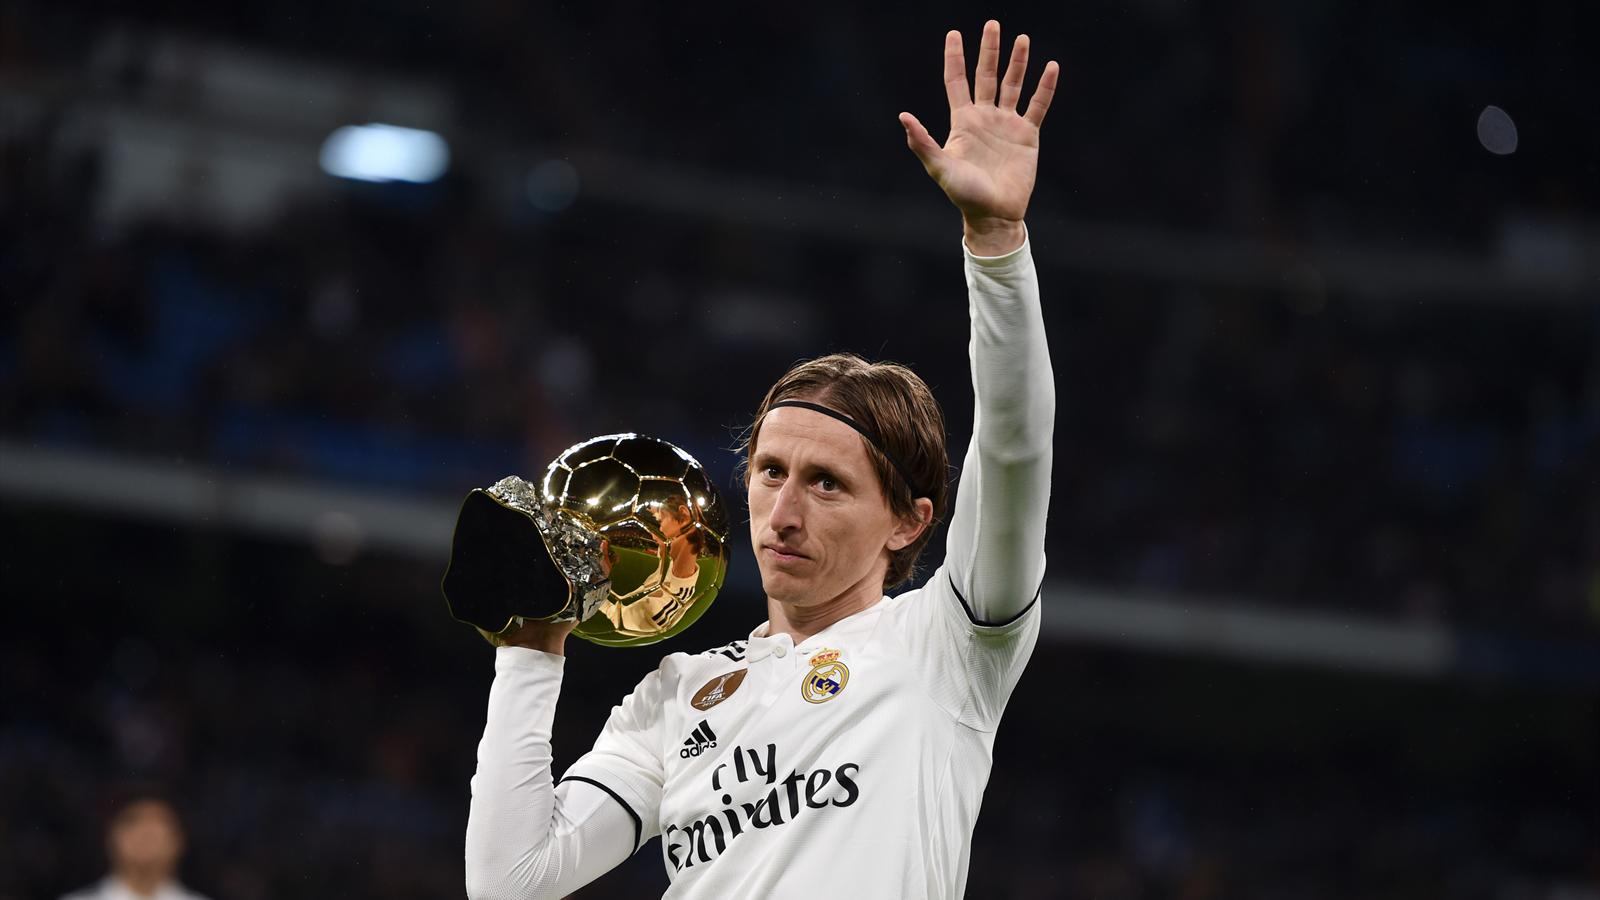 Лука Модрич с Золотым мячом